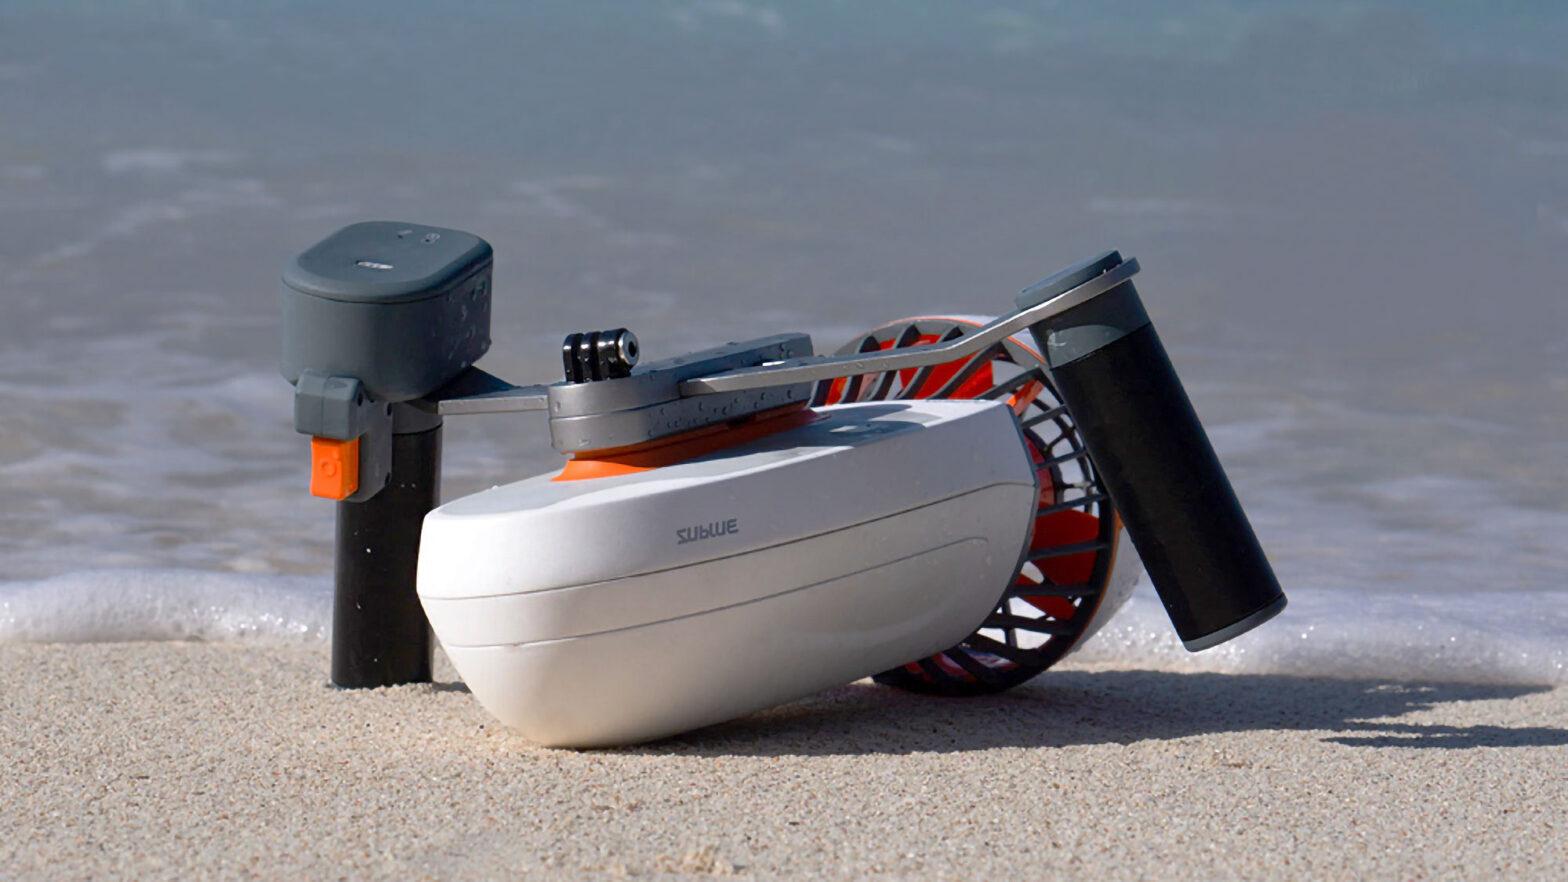 Sublue WhiteShark Tini Underwater Scooter